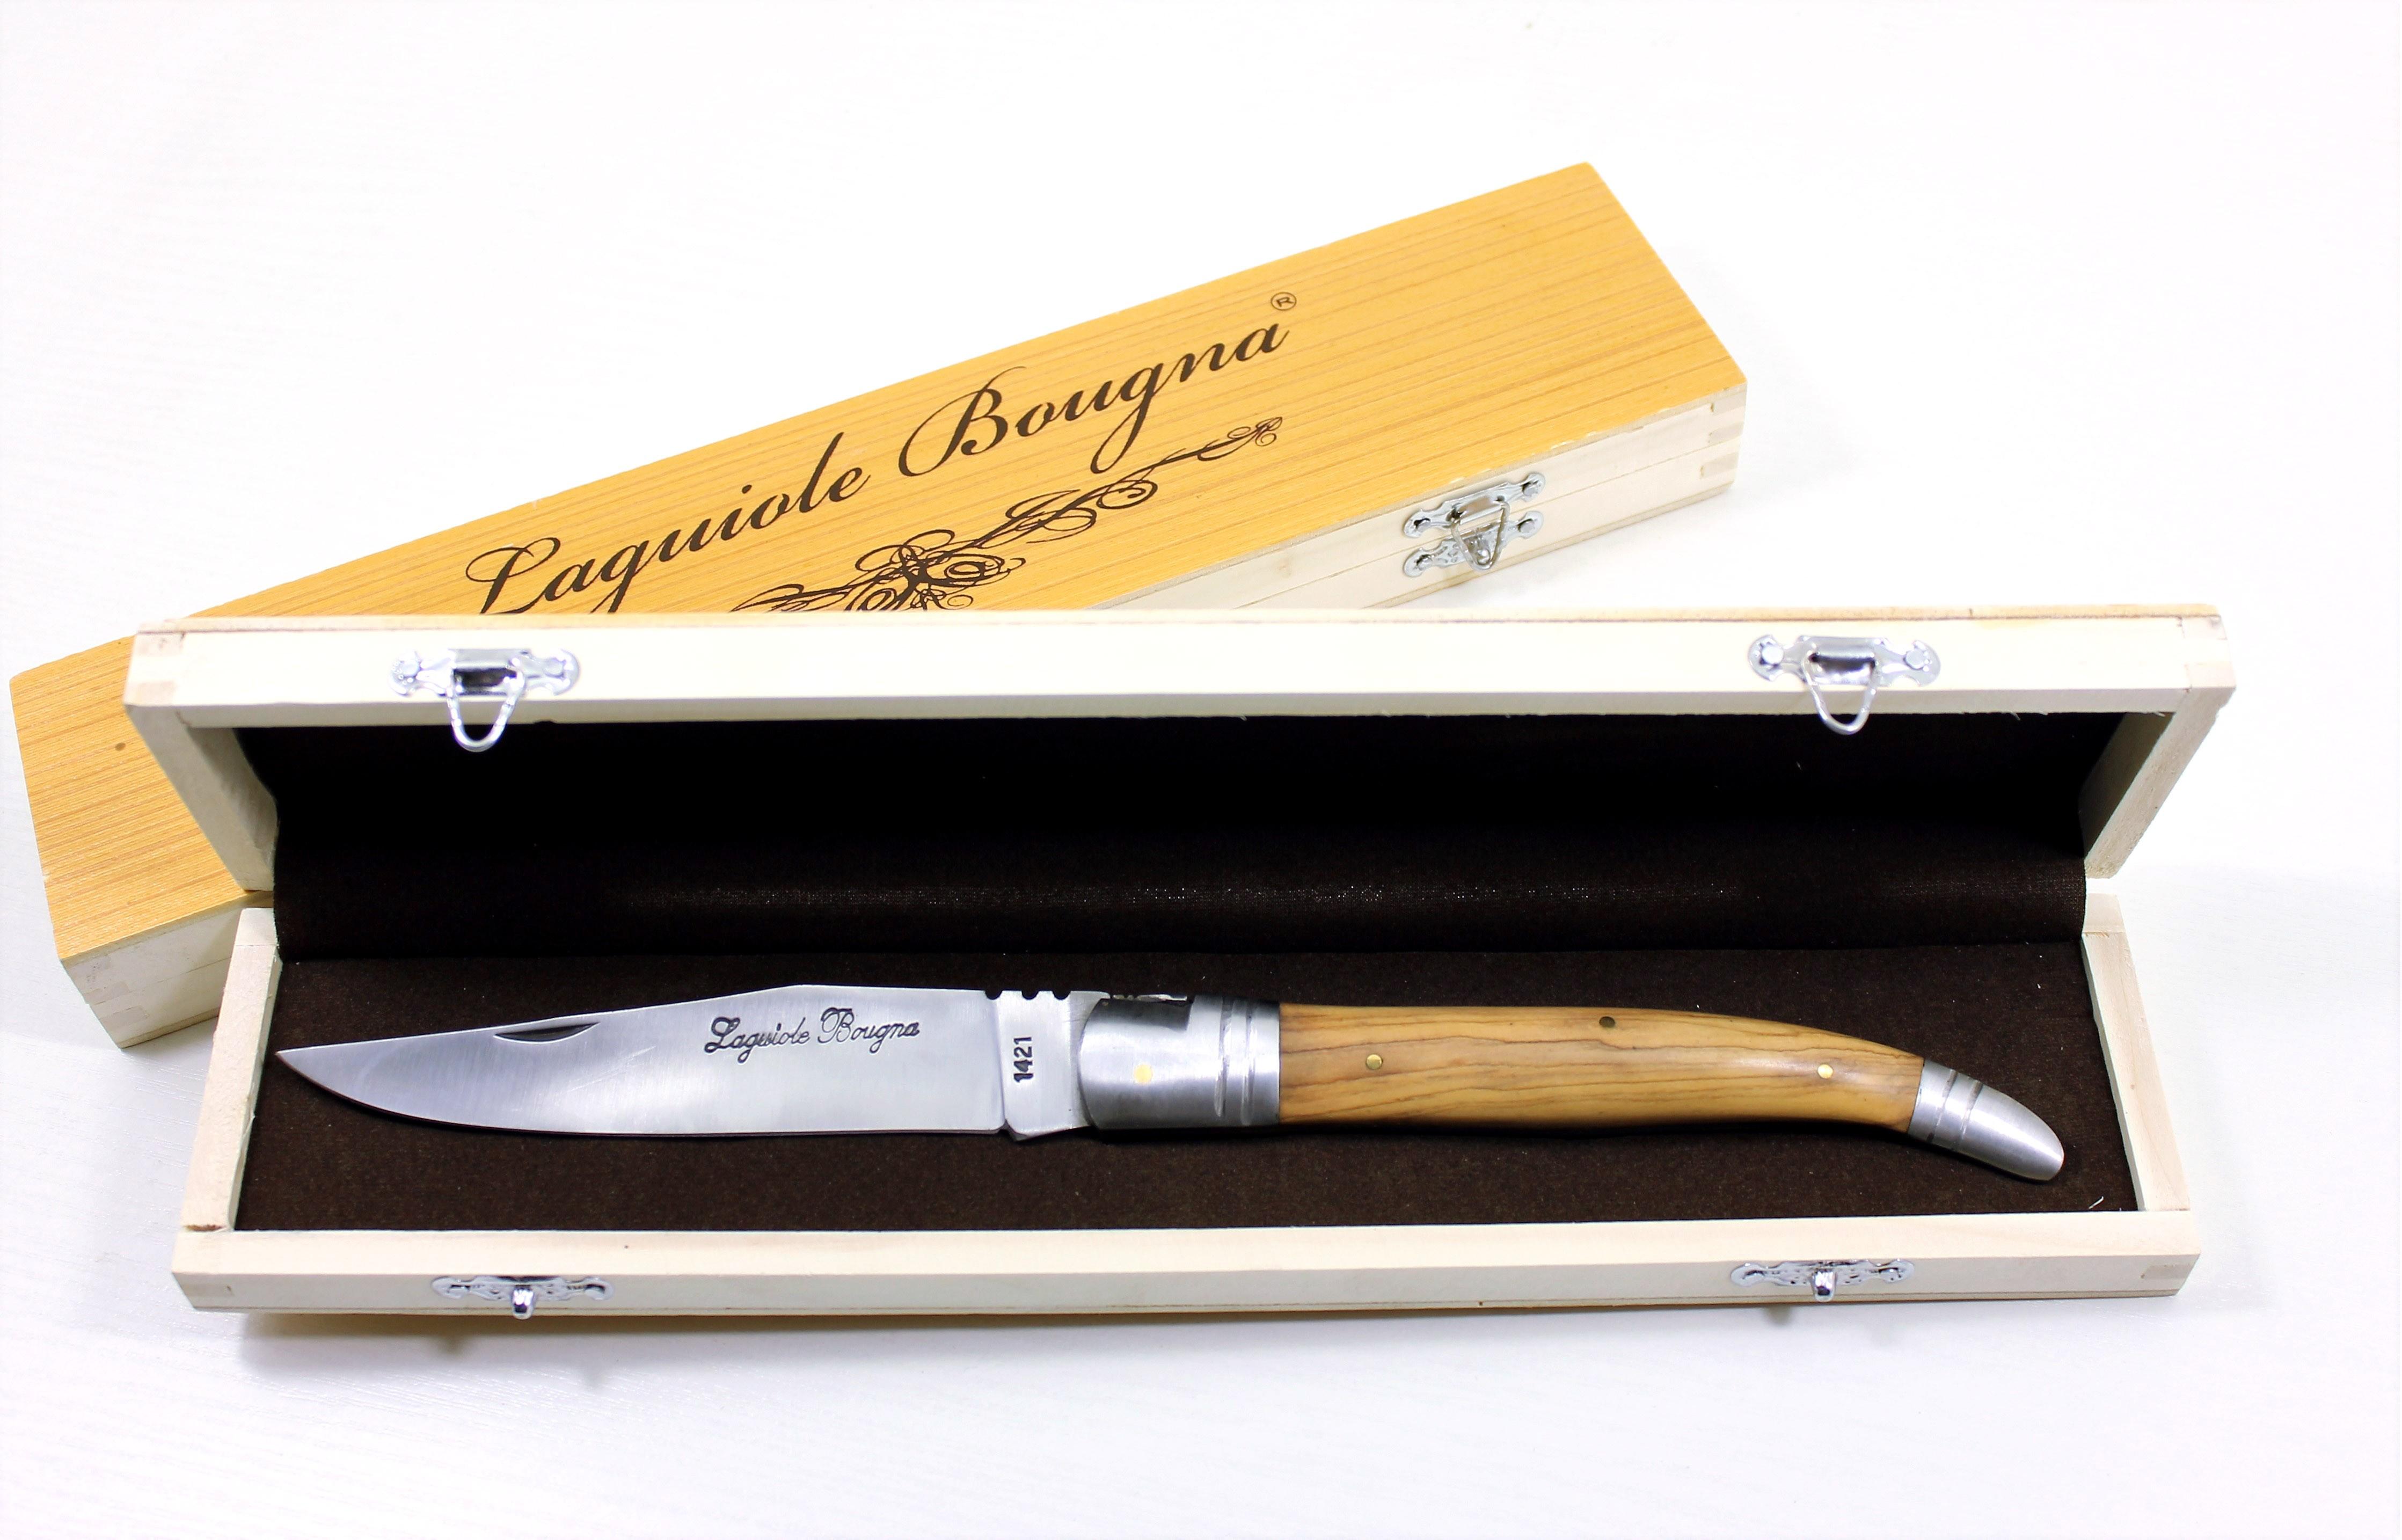 LB - Coffret - Couteau géant 18 cm - teck